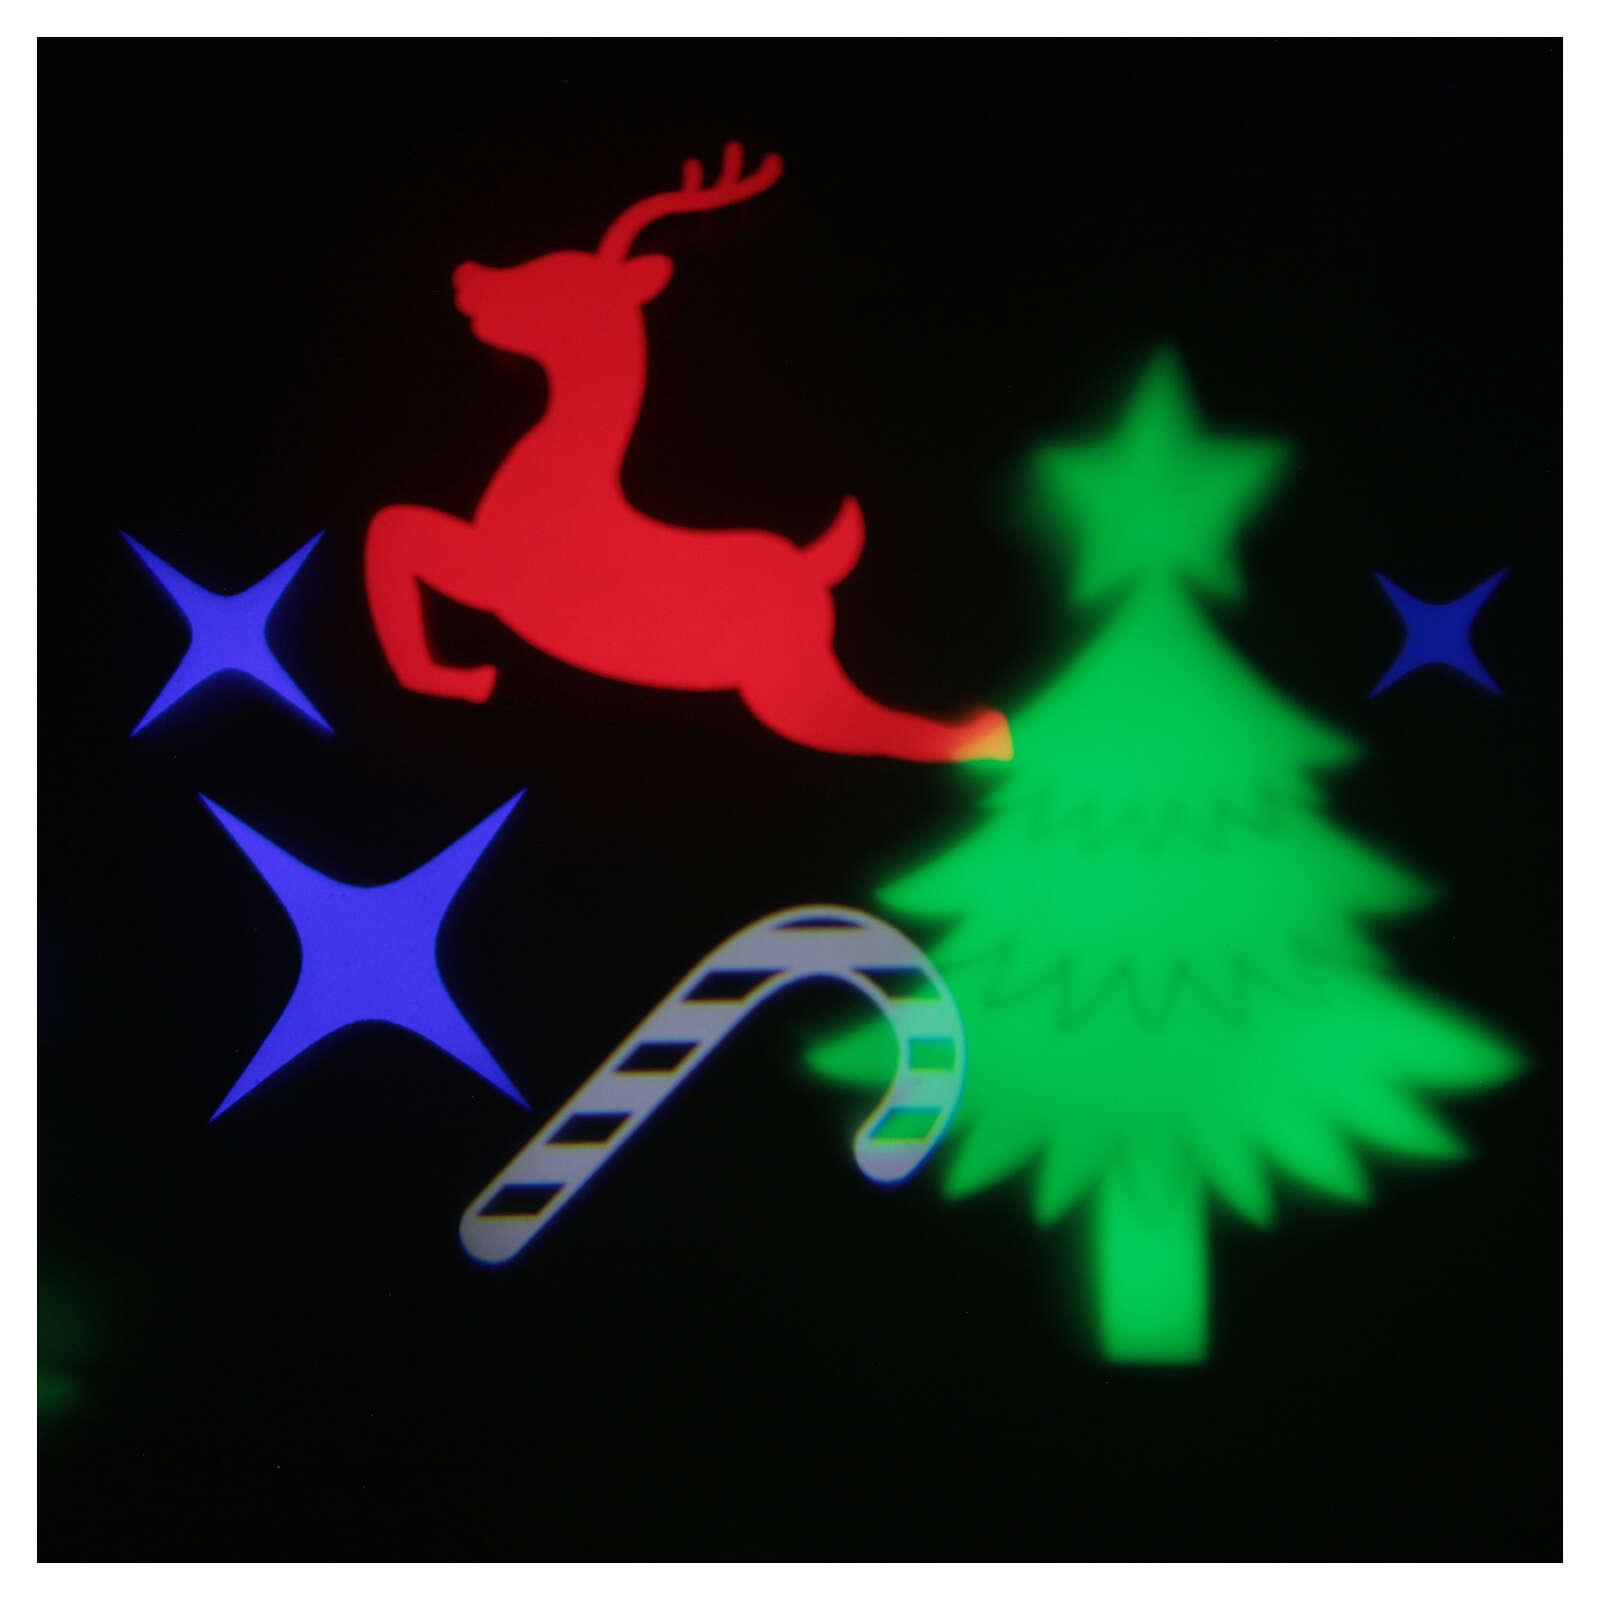 STOCK Proiettore led immagini natalizie multicolore con adattatore 3